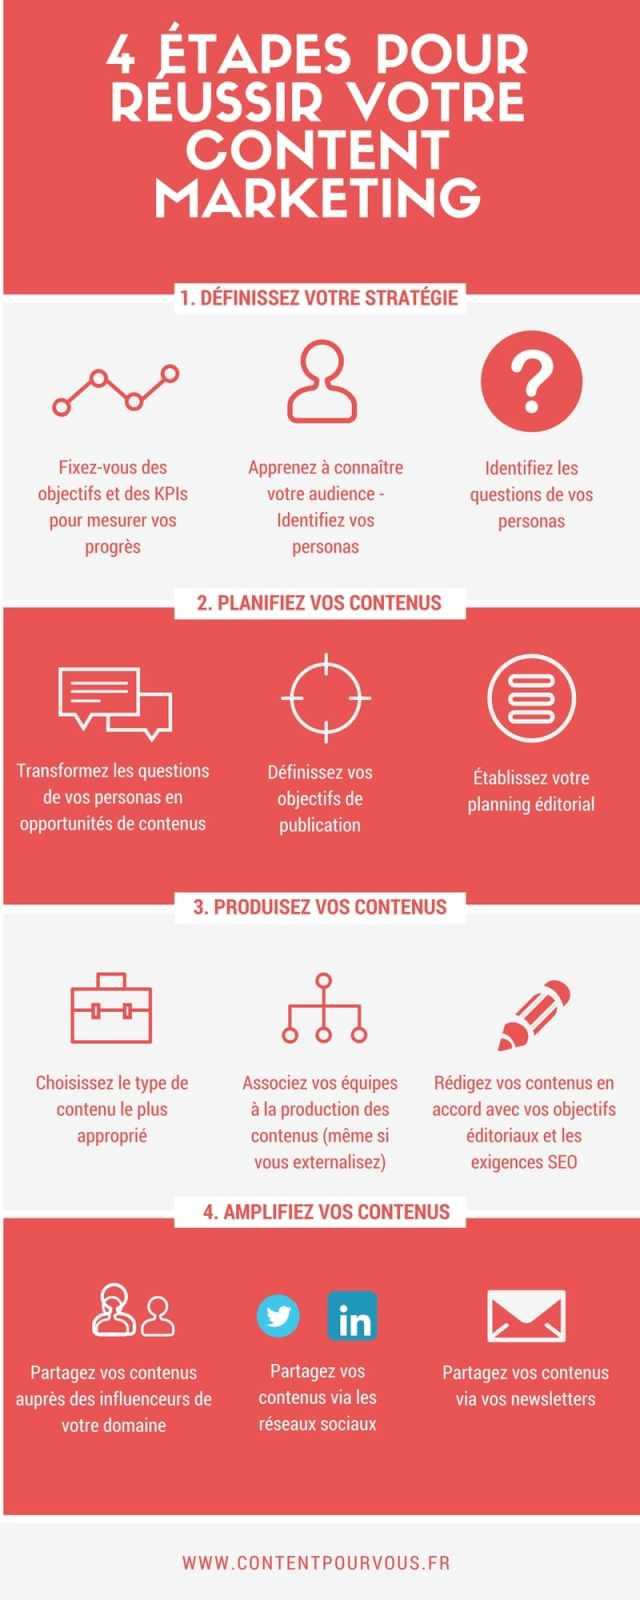 4 étapes pour réussir votre content marketing - Infographie